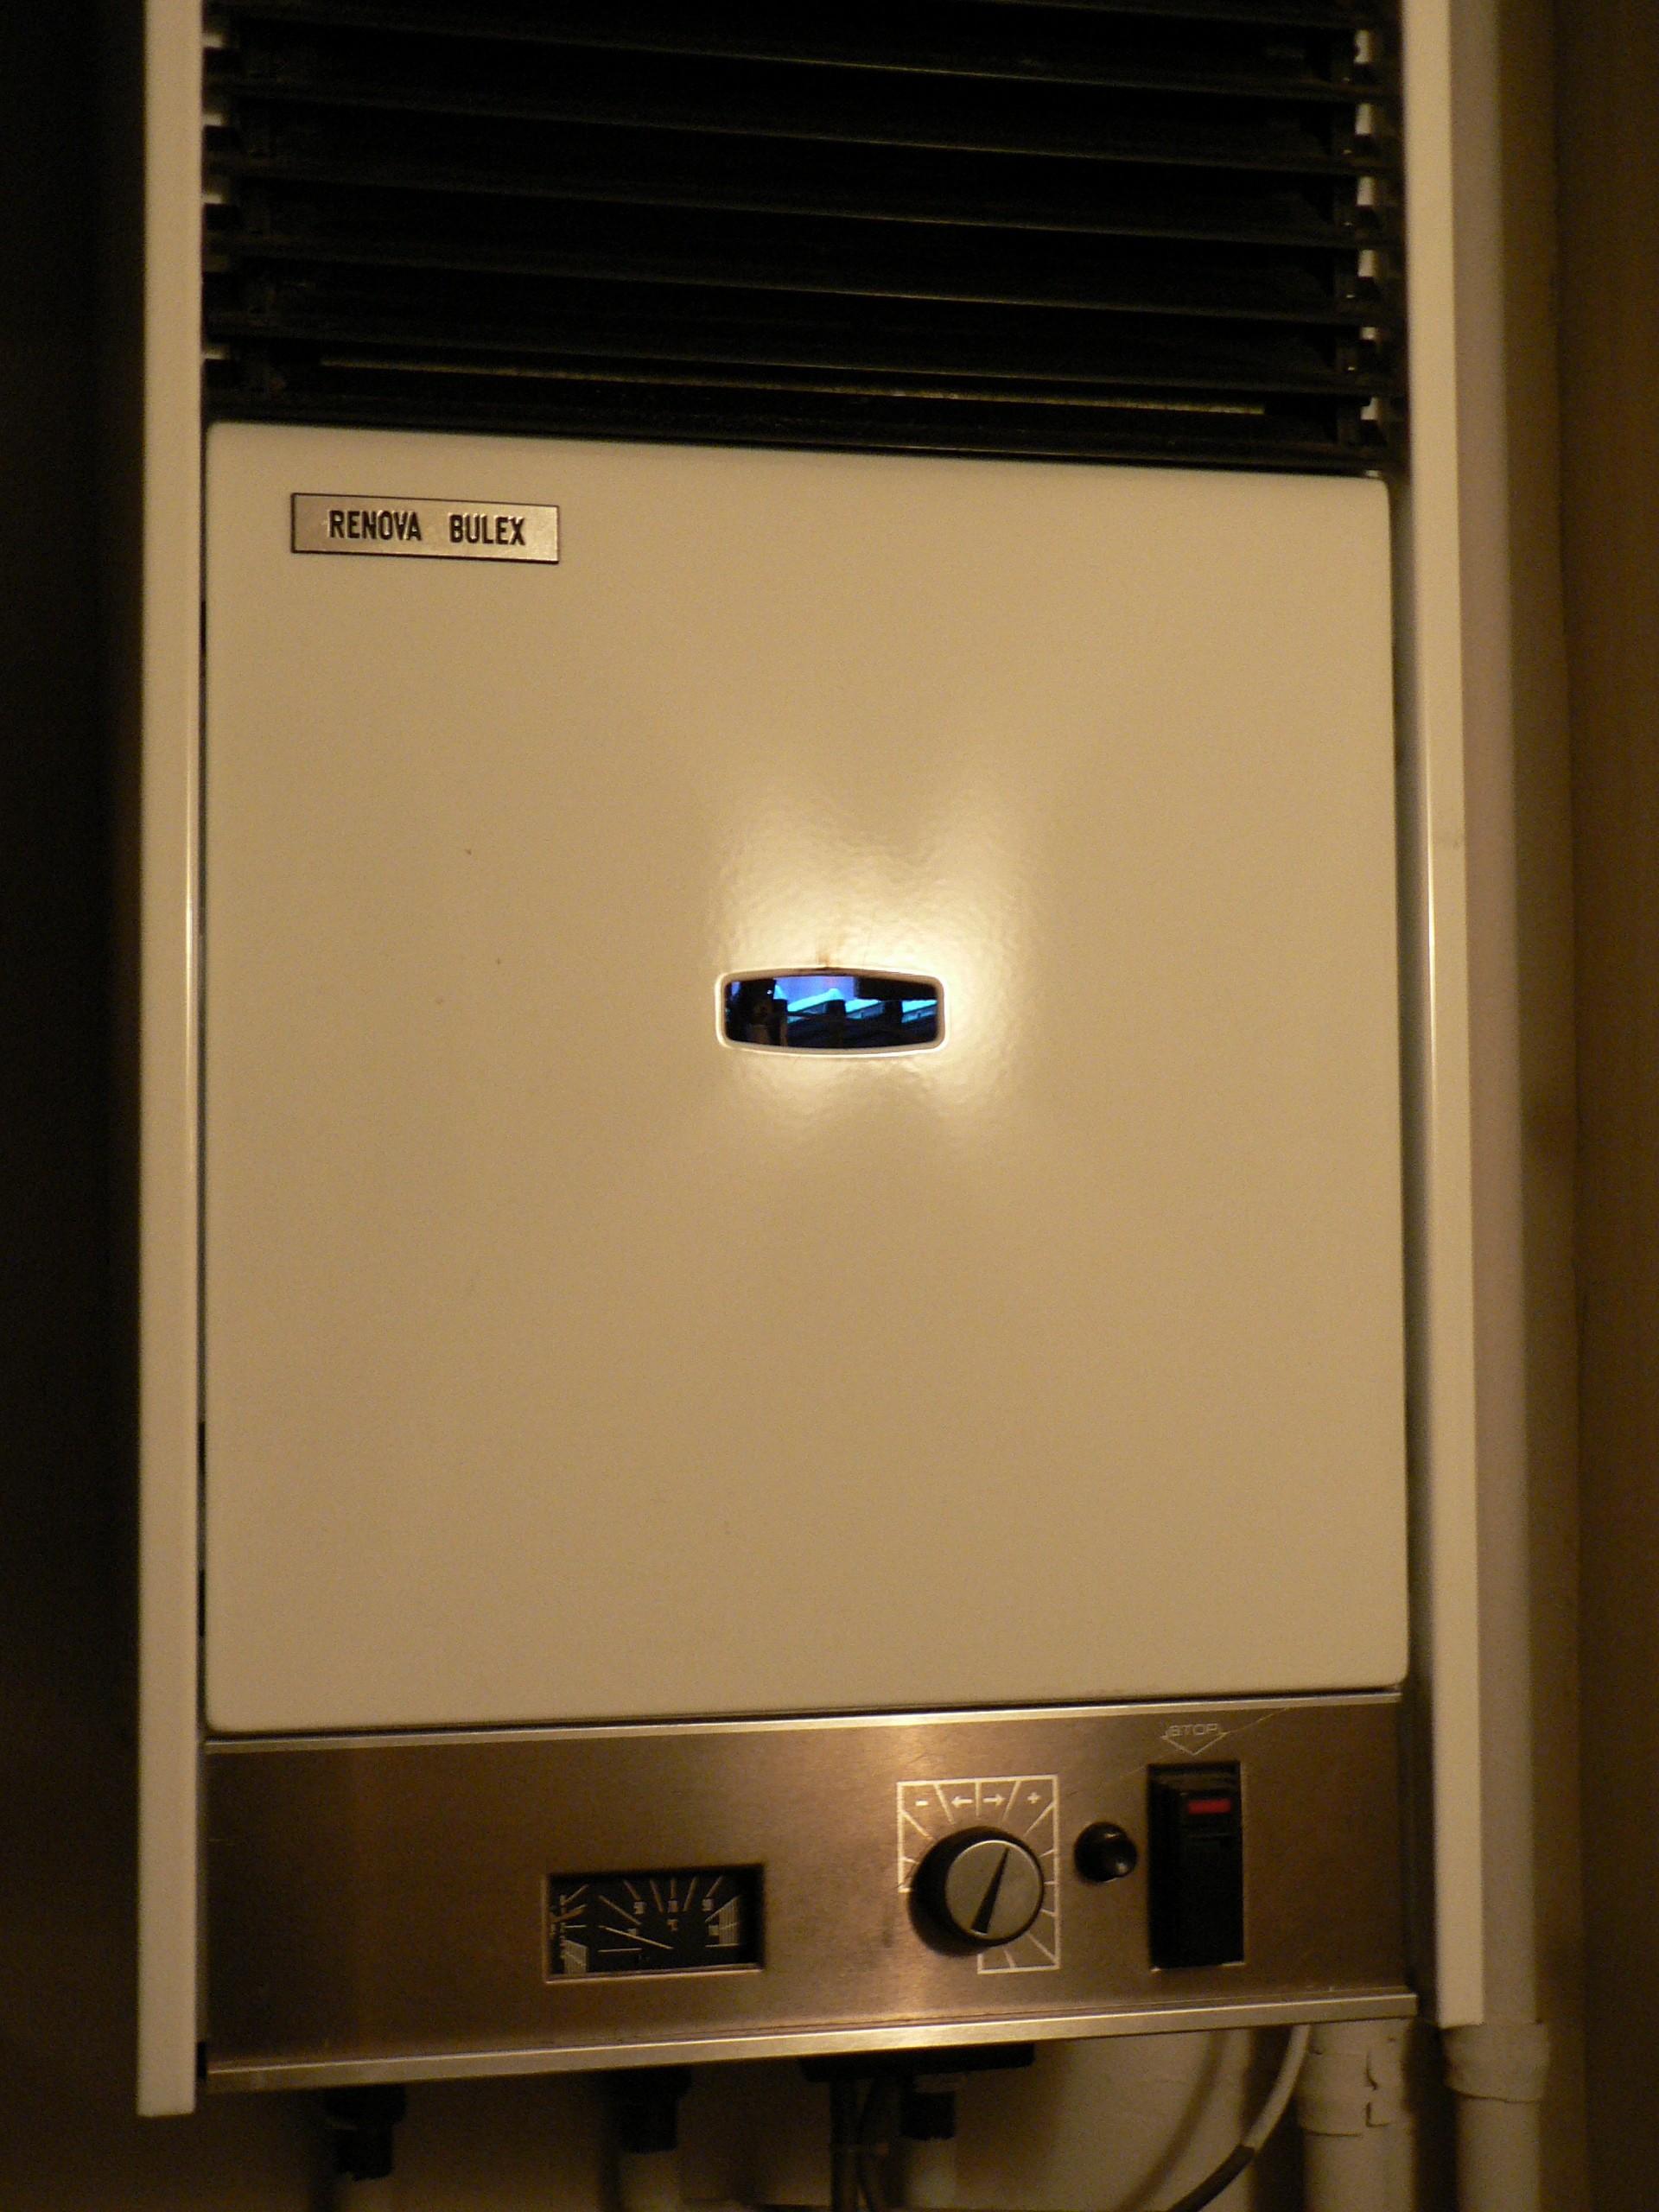 Calentador de agua wikiwand - Calentador de agua de gas ...